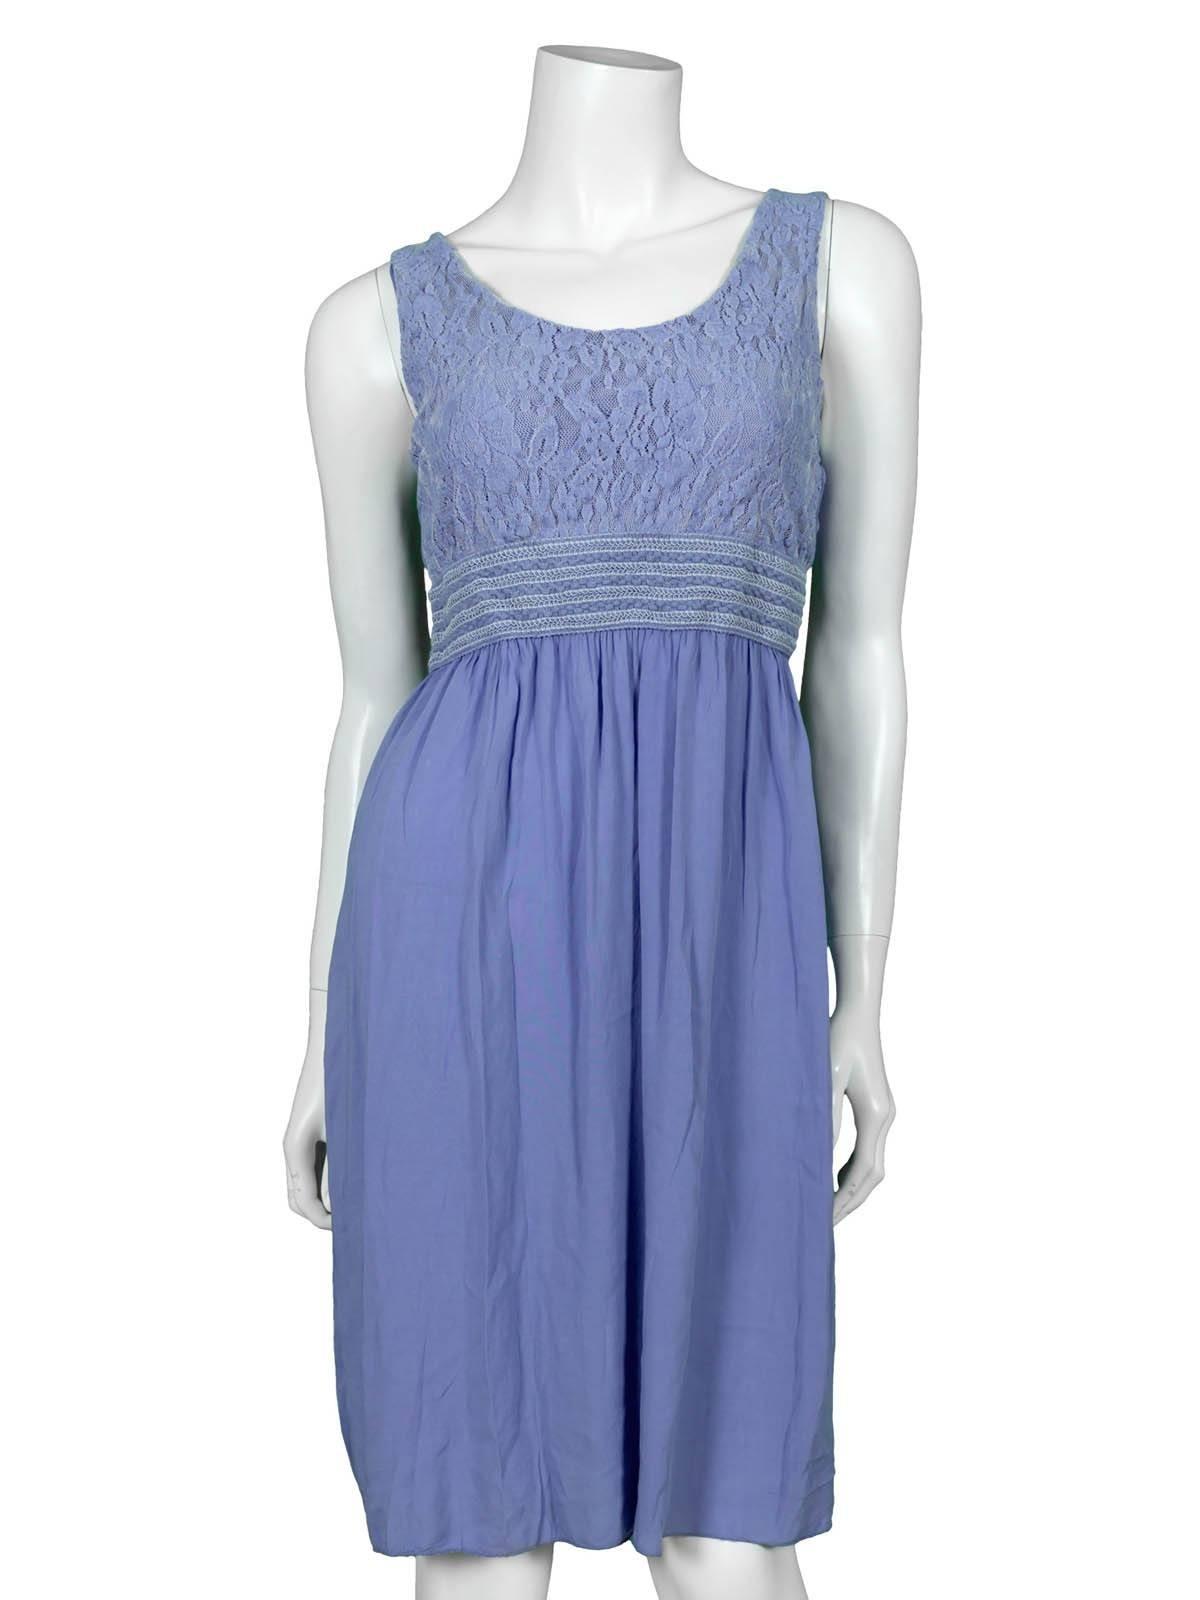 17 Erstaunlich Kleid Mit Spitze Blau GalerieAbend Schön Kleid Mit Spitze Blau Spezialgebiet